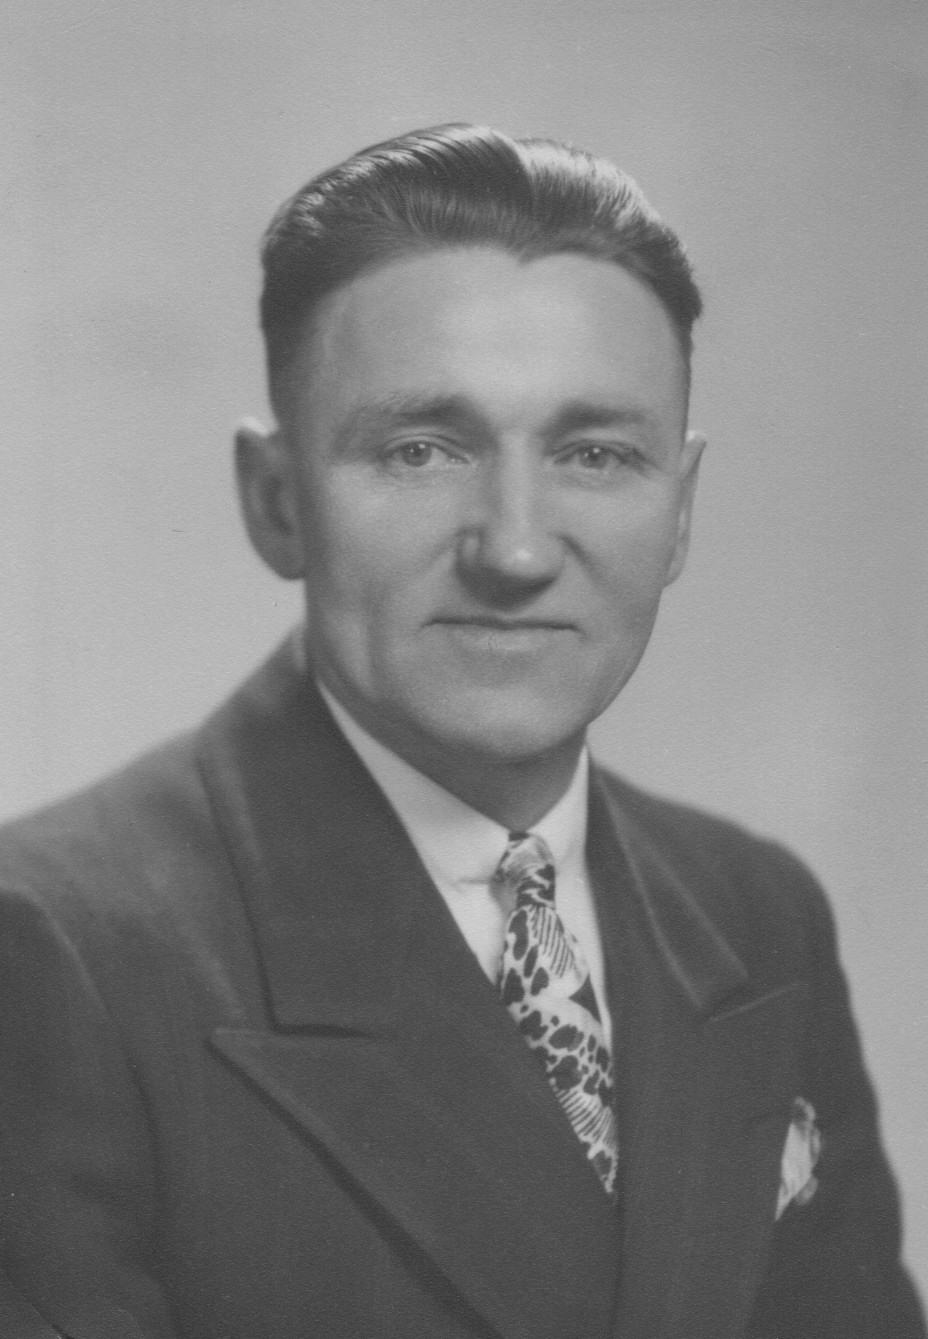 Walter J Musolf